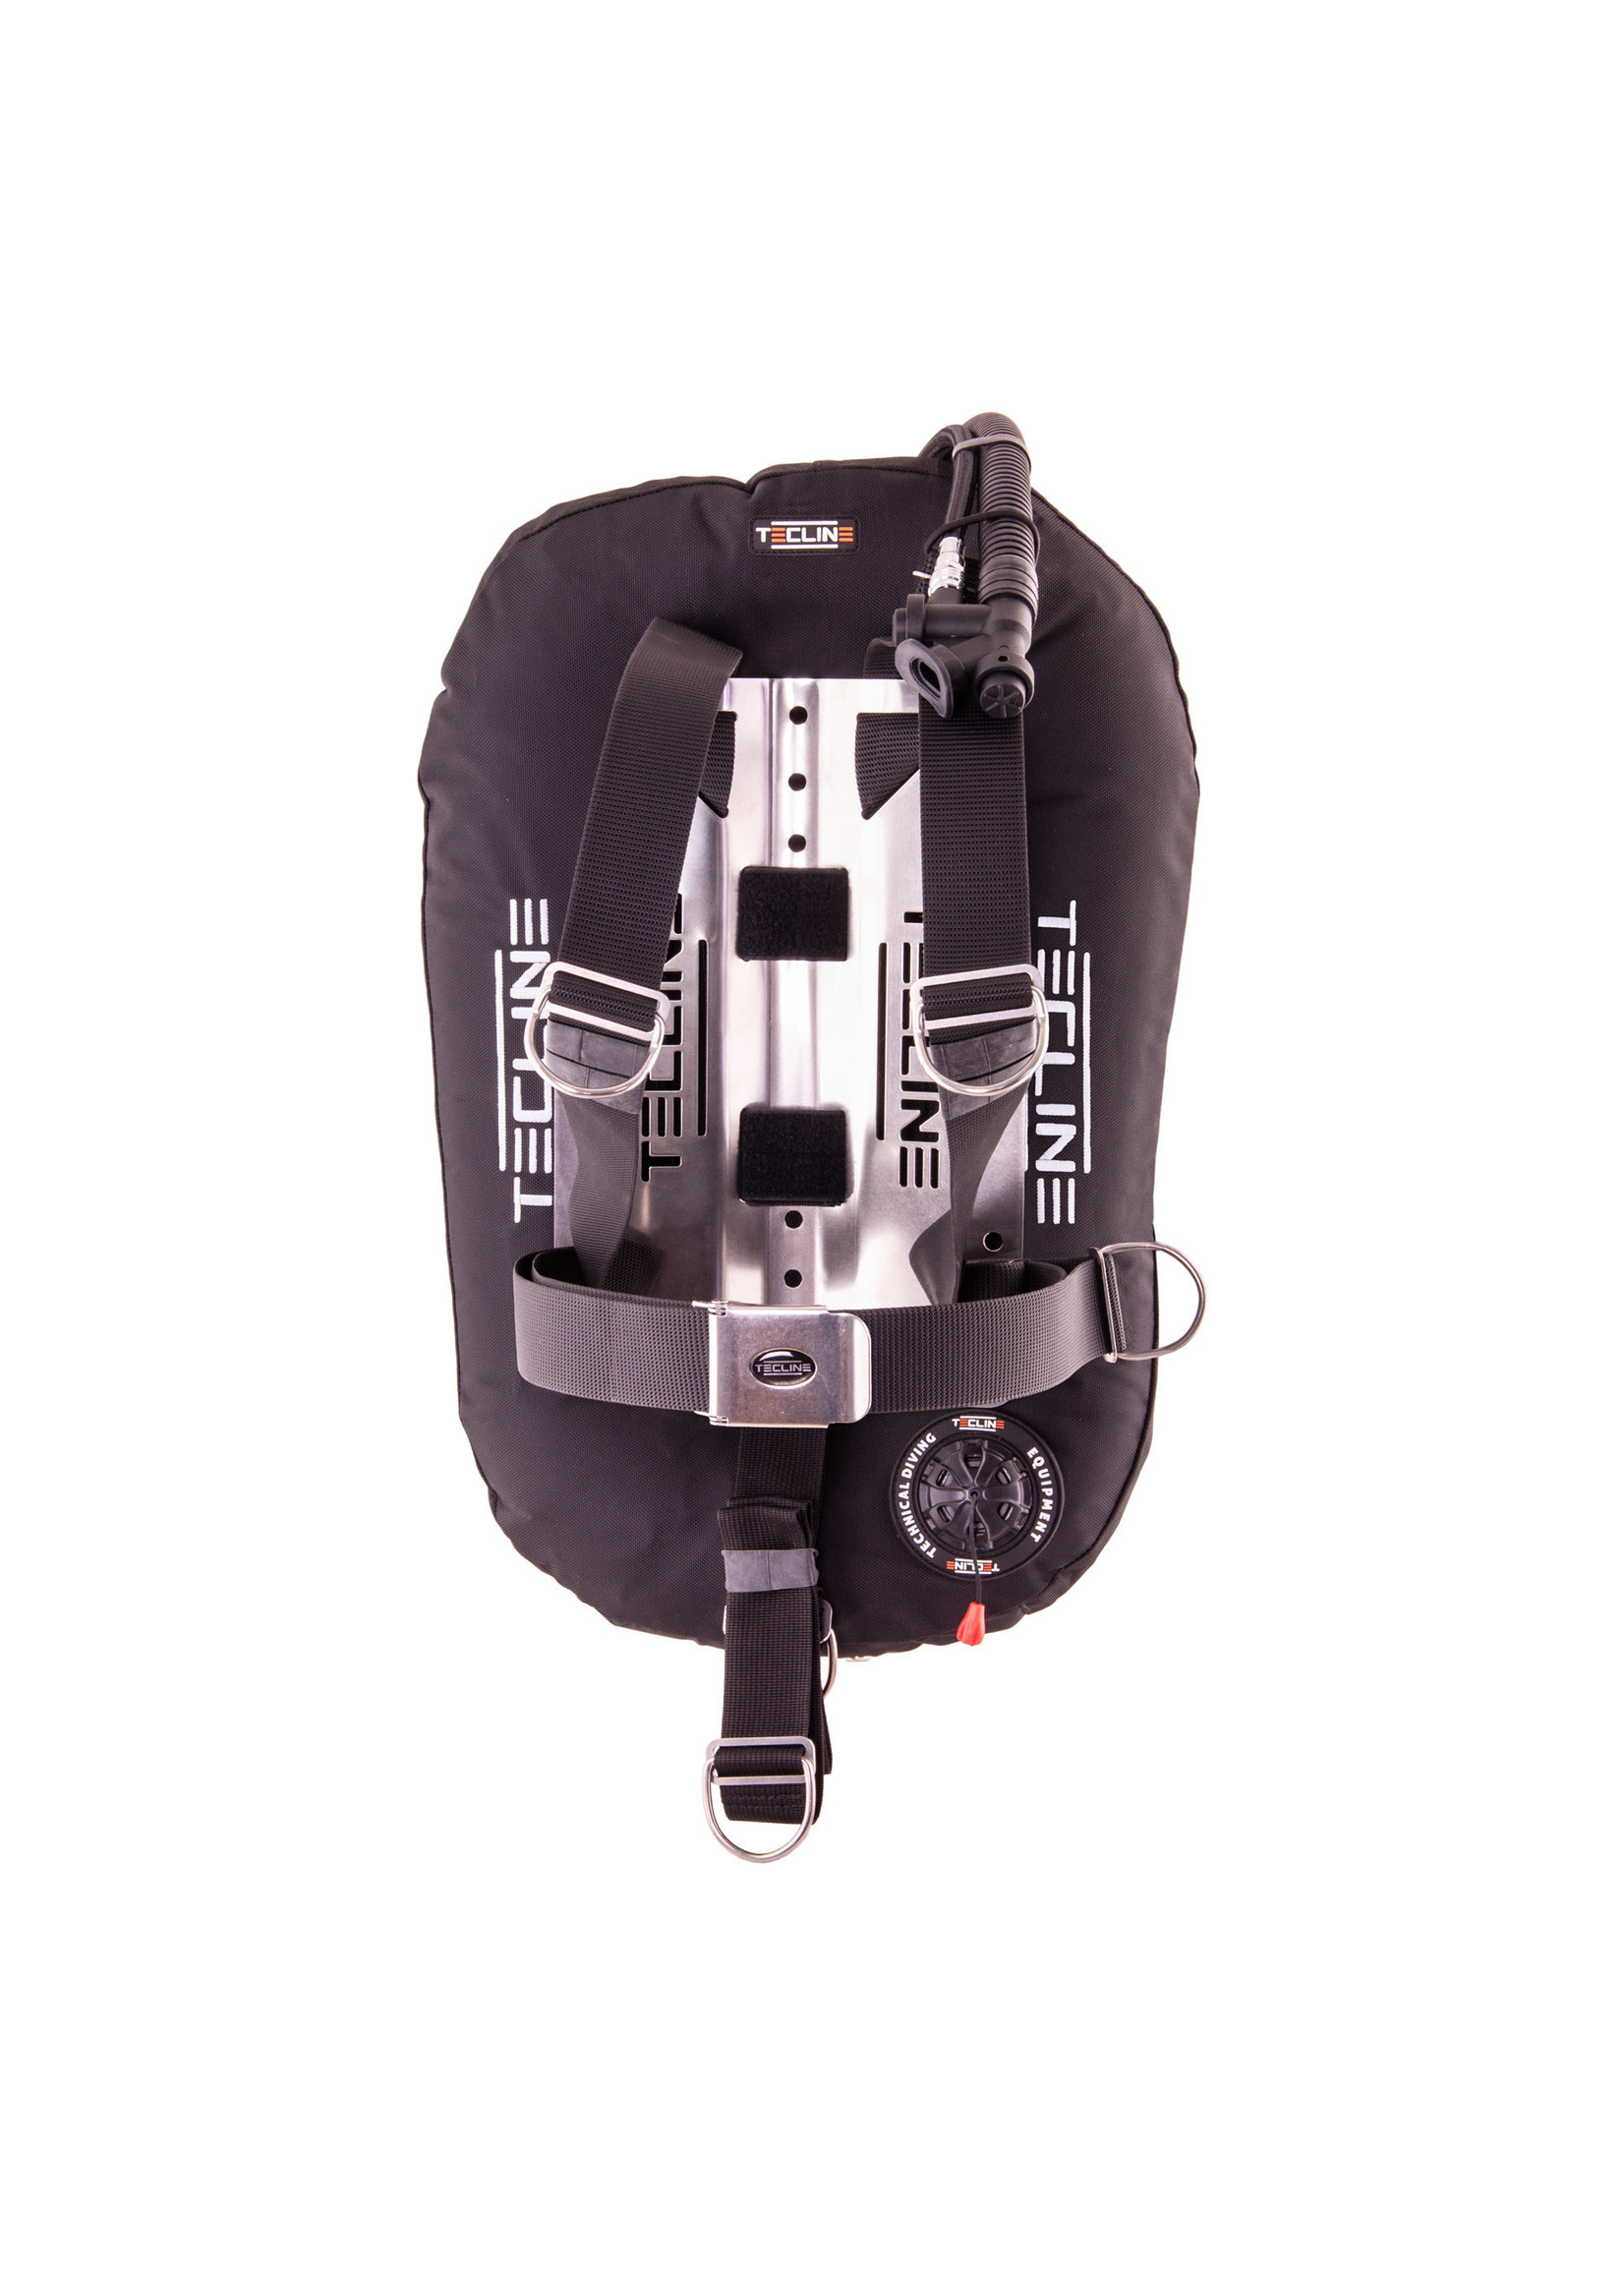 TecLine Donut 17 Zwart + DIR harness + tank belts & BP